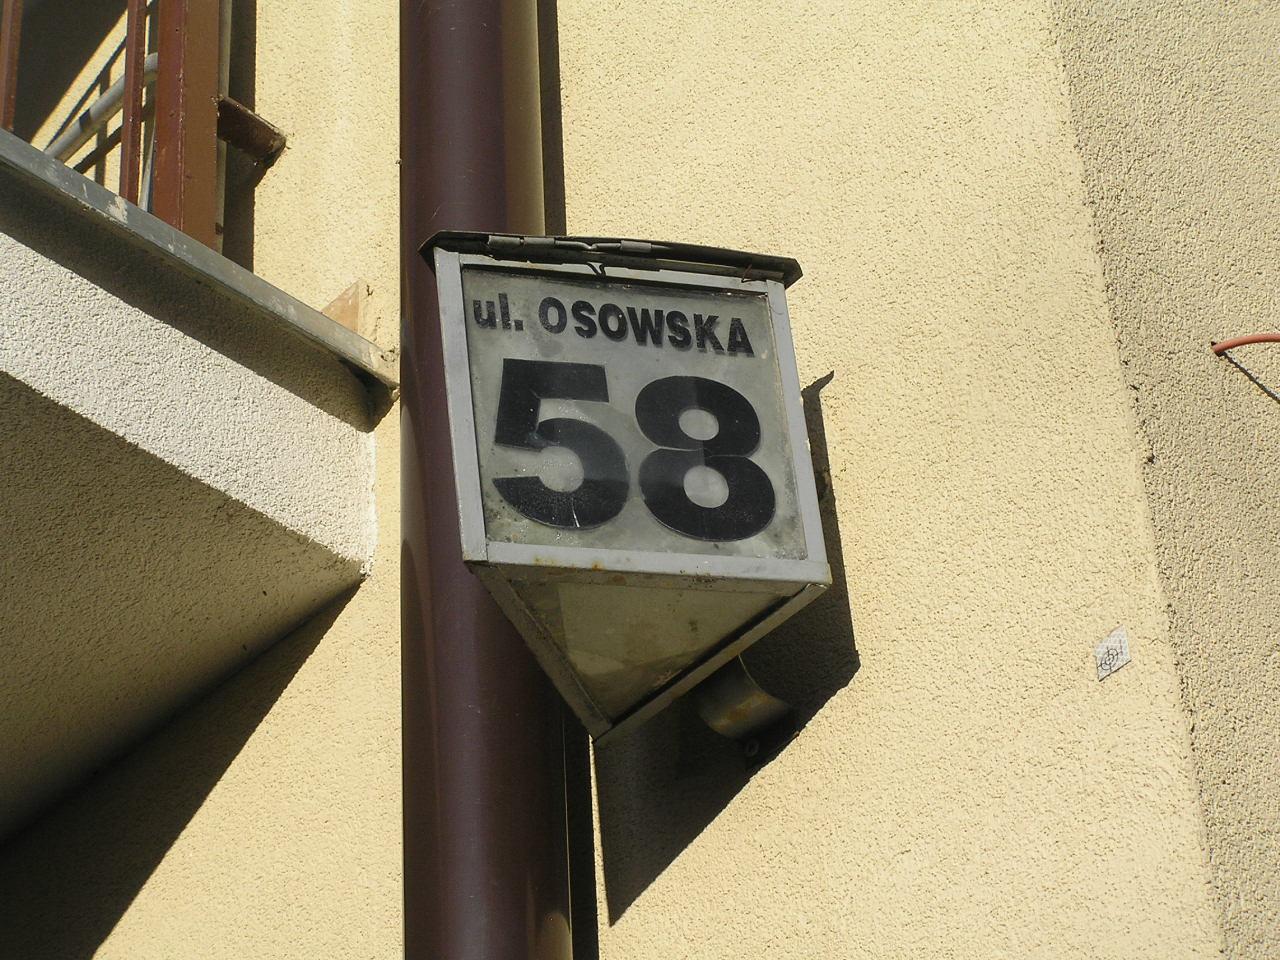 Latarenka adresowa - Osowska 58